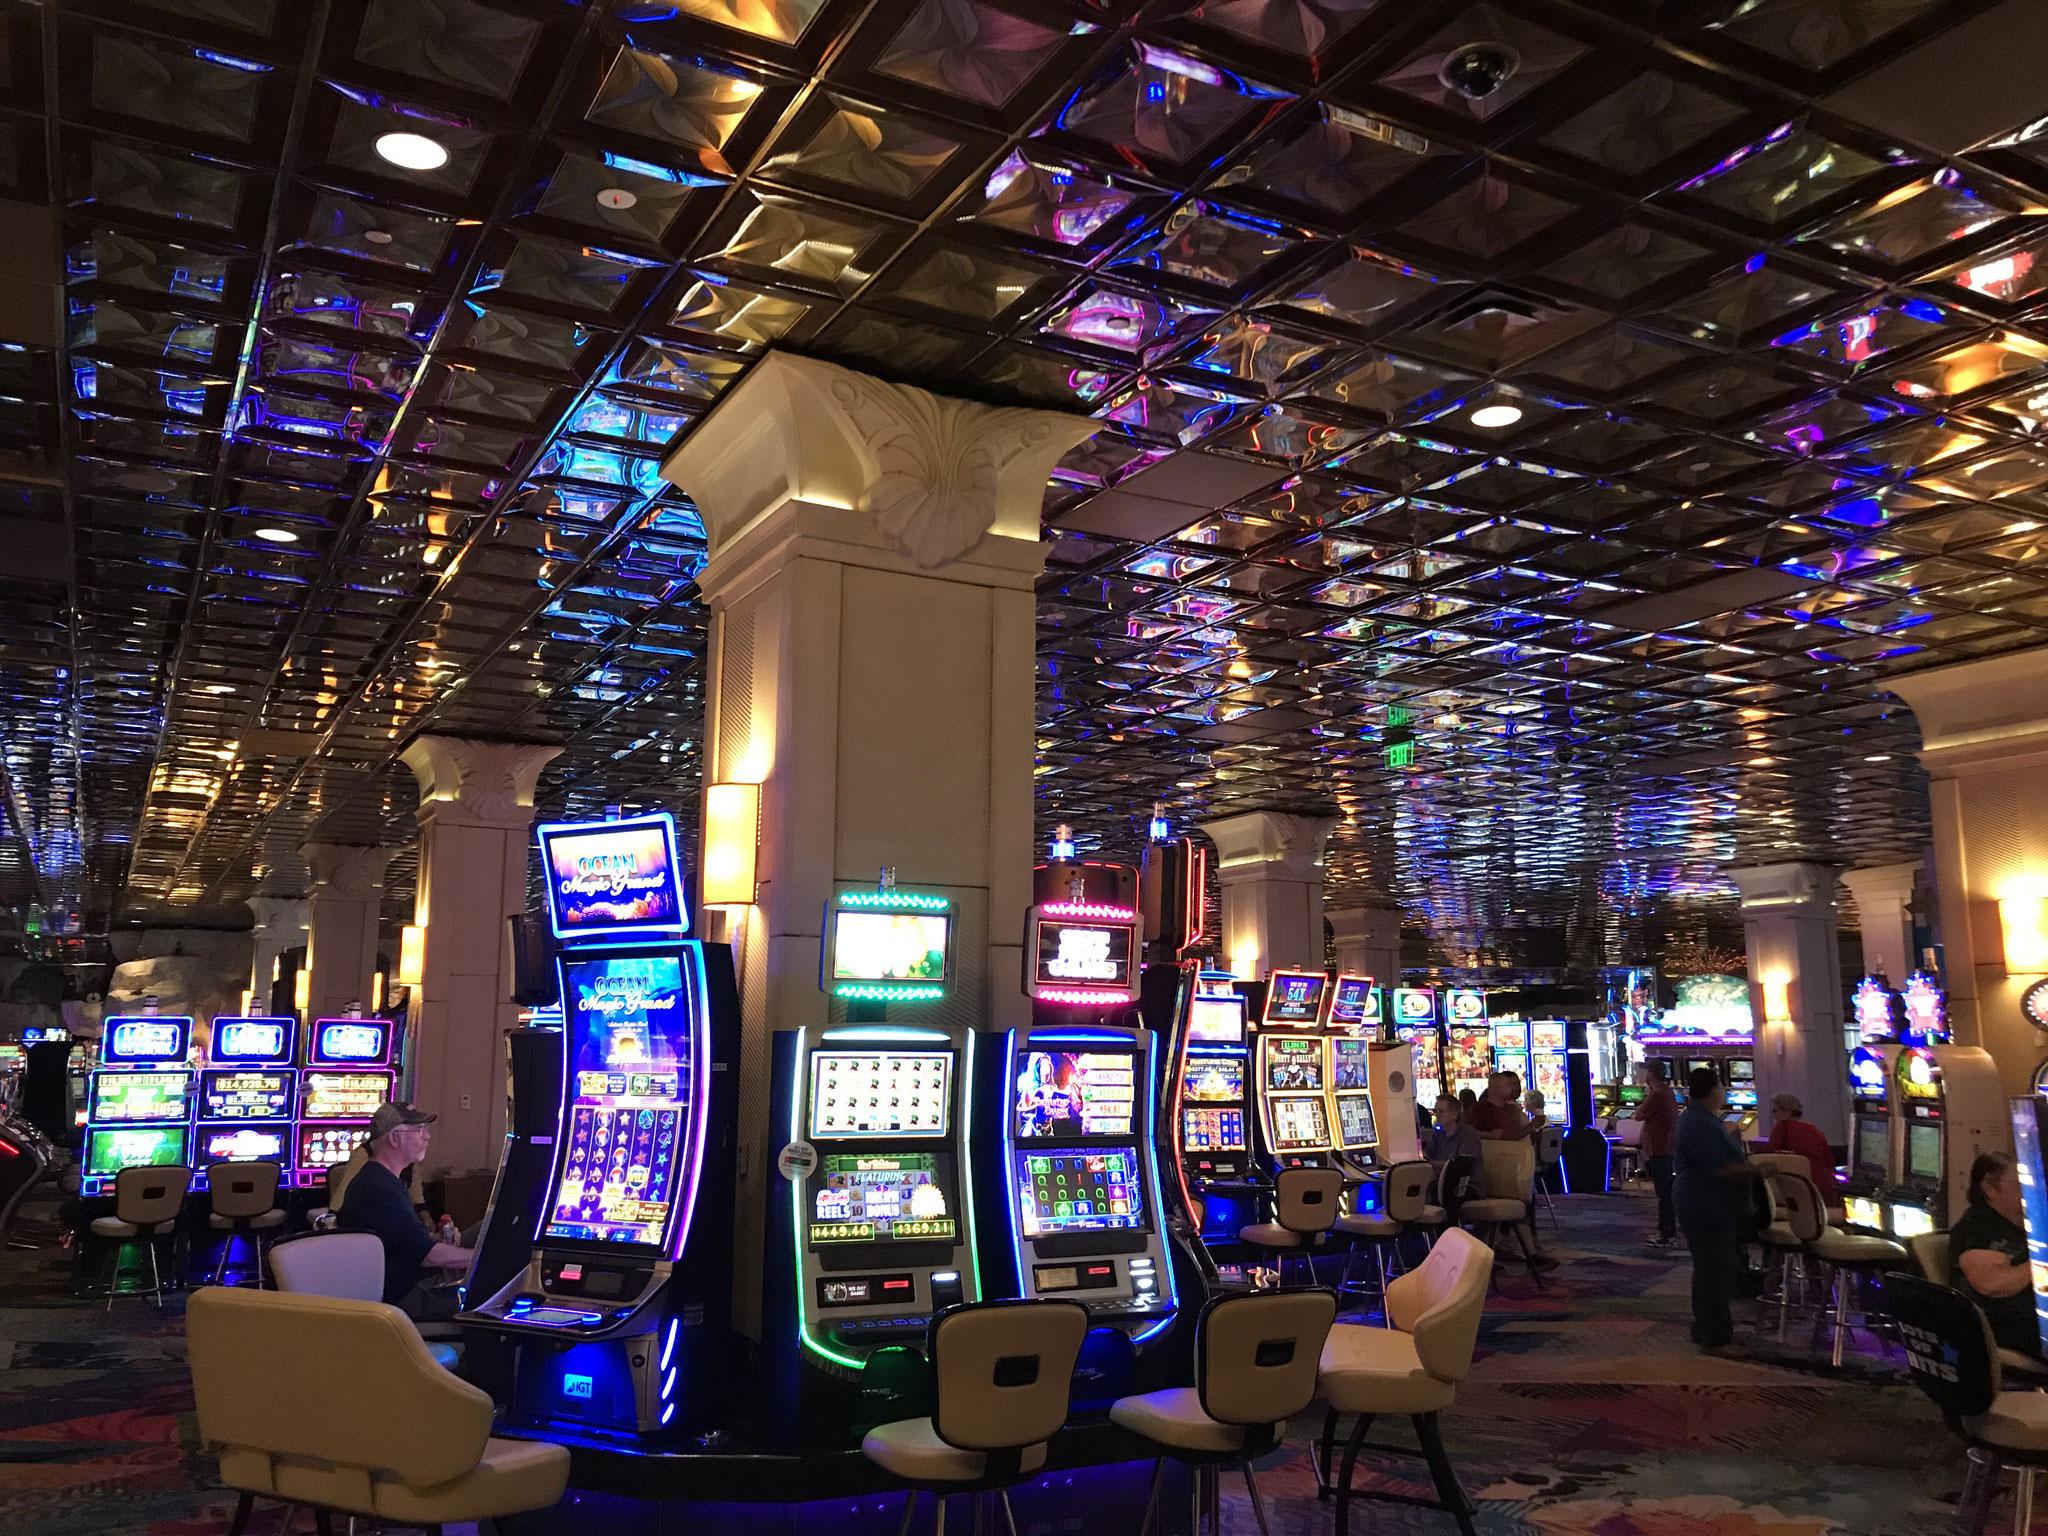 Wenn man das Hotel betritt, ist man schon im Casino.